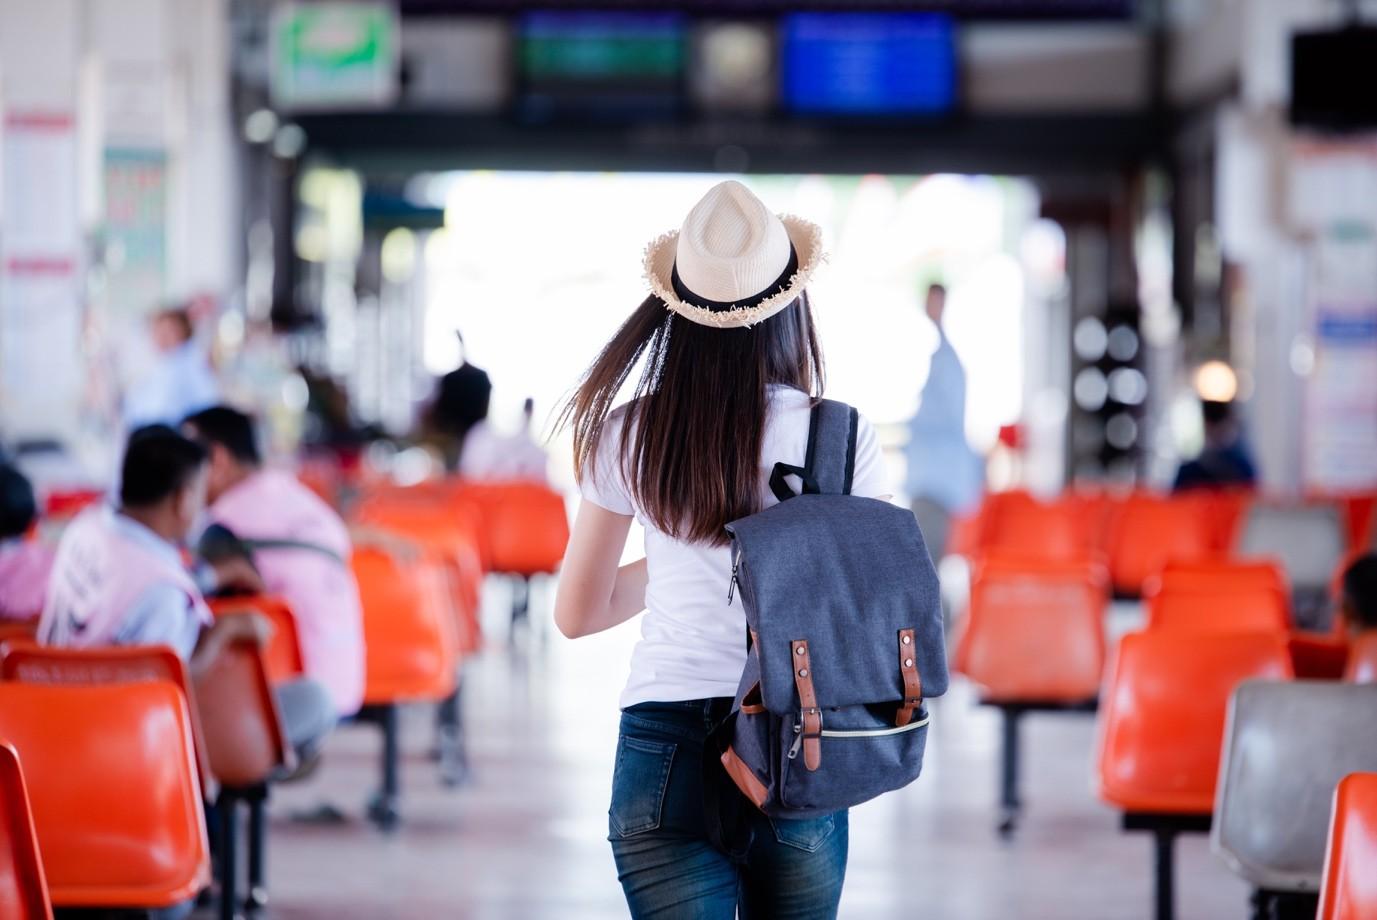 Ingin Traveling Saat New Normal, Coba Perhatikan Beberapa Tips Berikut!